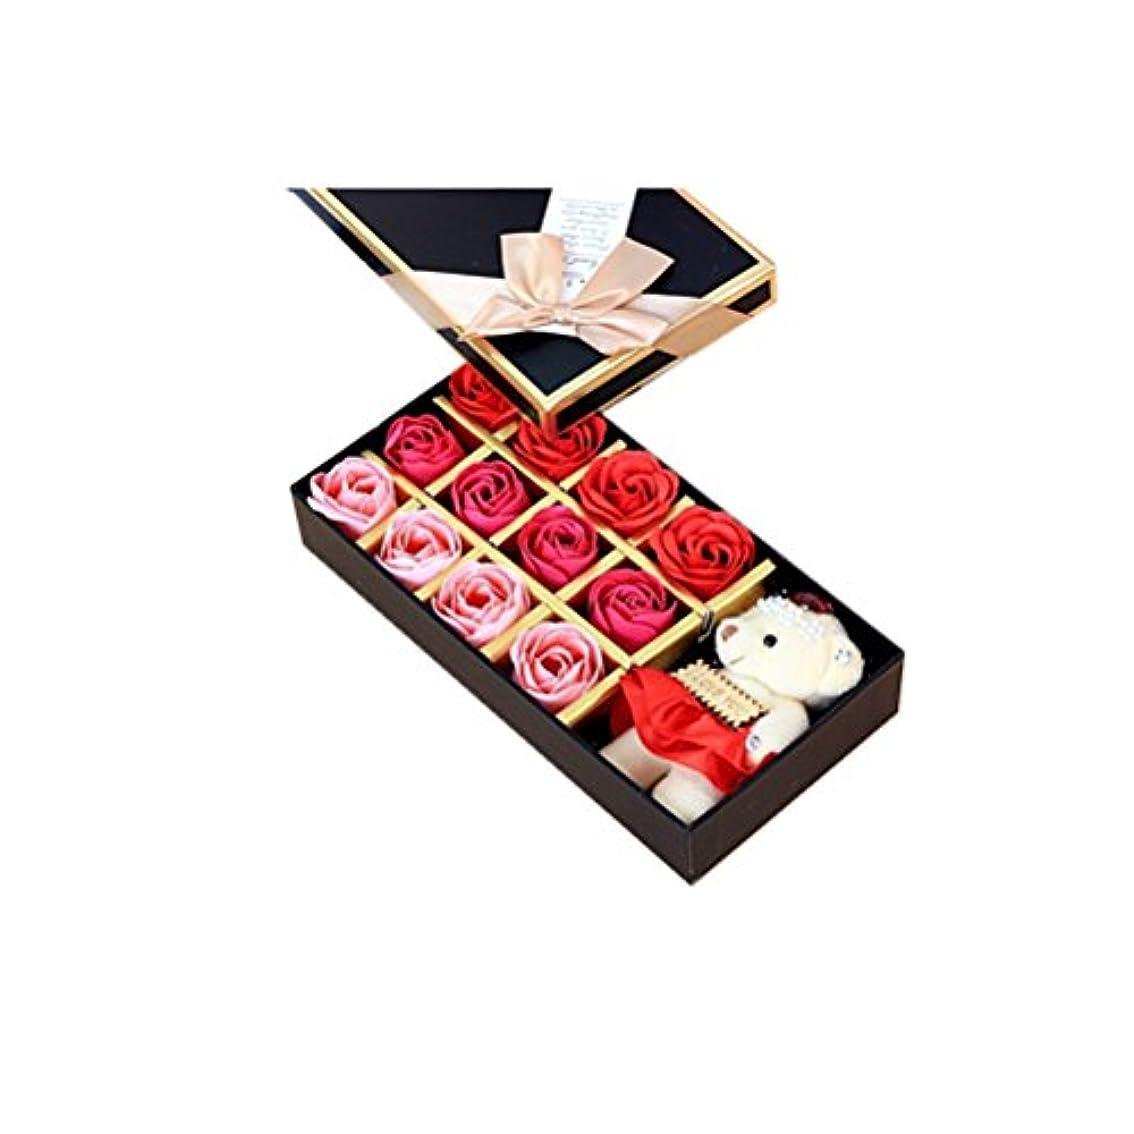 逃げる購入珍味ROSENICE 香り バラの花 お風呂 石鹸 ギフトボックス (赤)